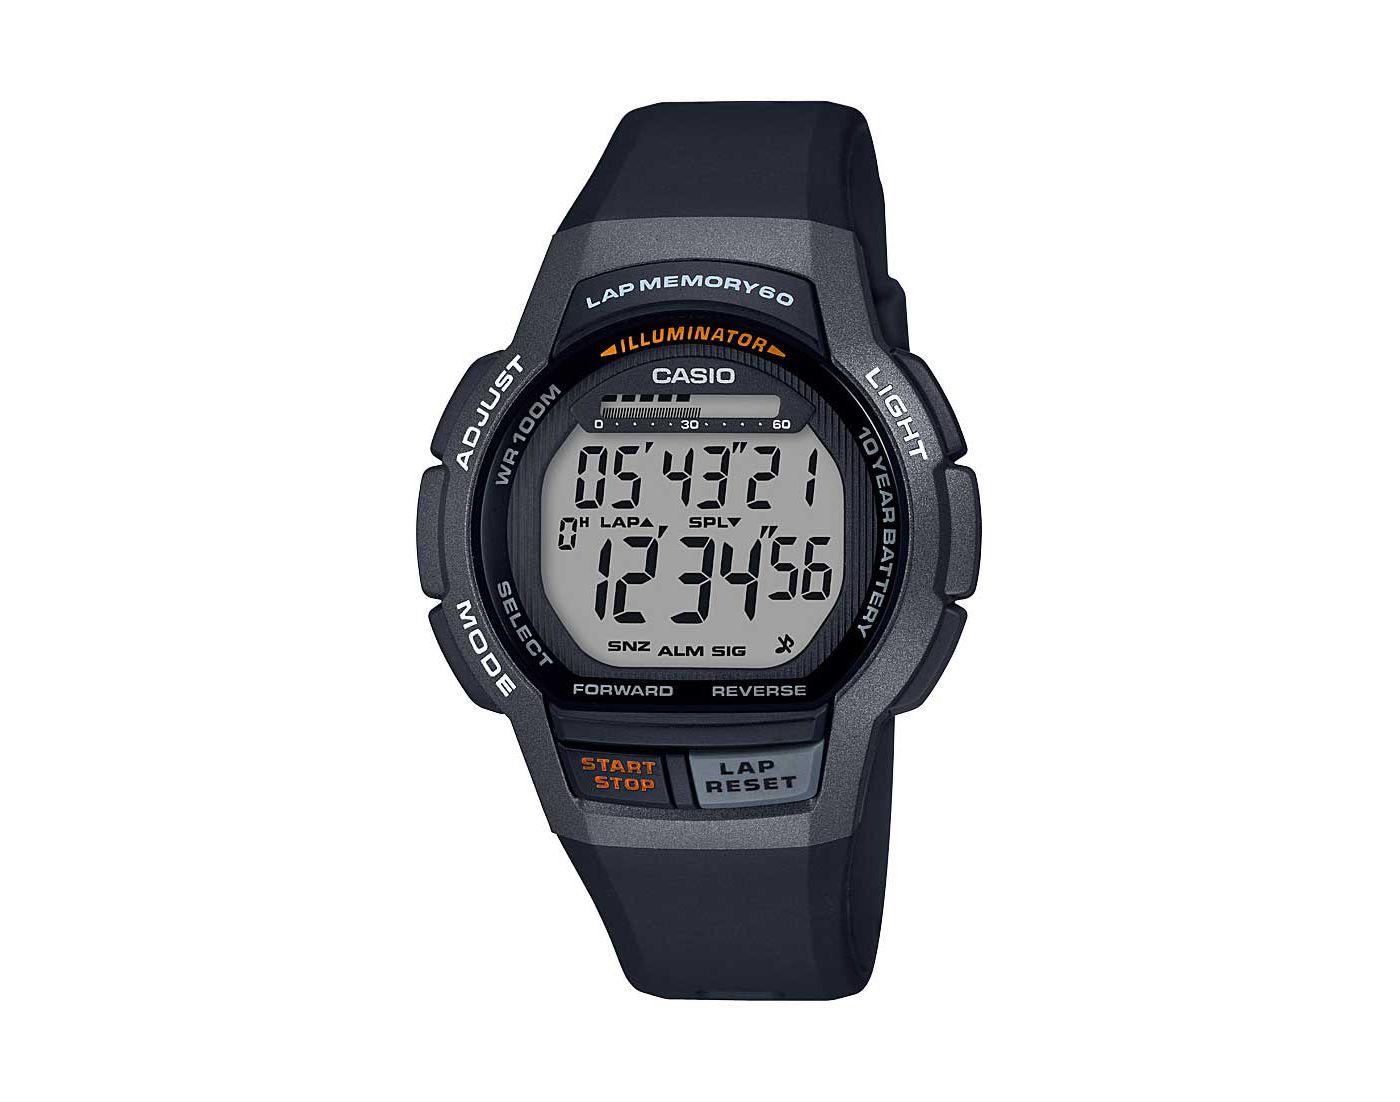 Casio Men's WS-1000 Series Step Tracker Watch